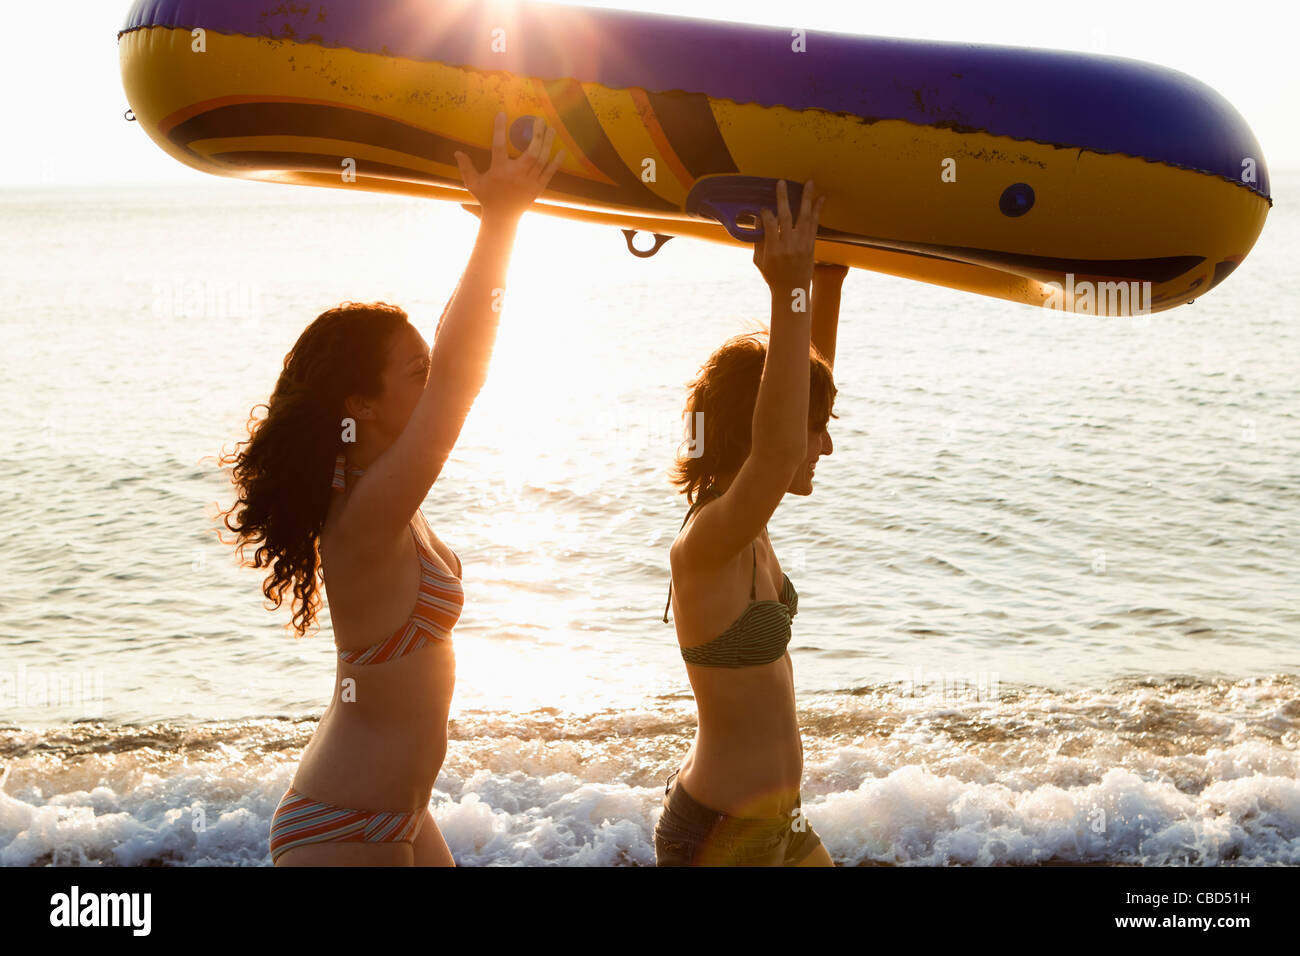 Las mujeres portadoras de embarcación inflable en la playa Imagen De Stock